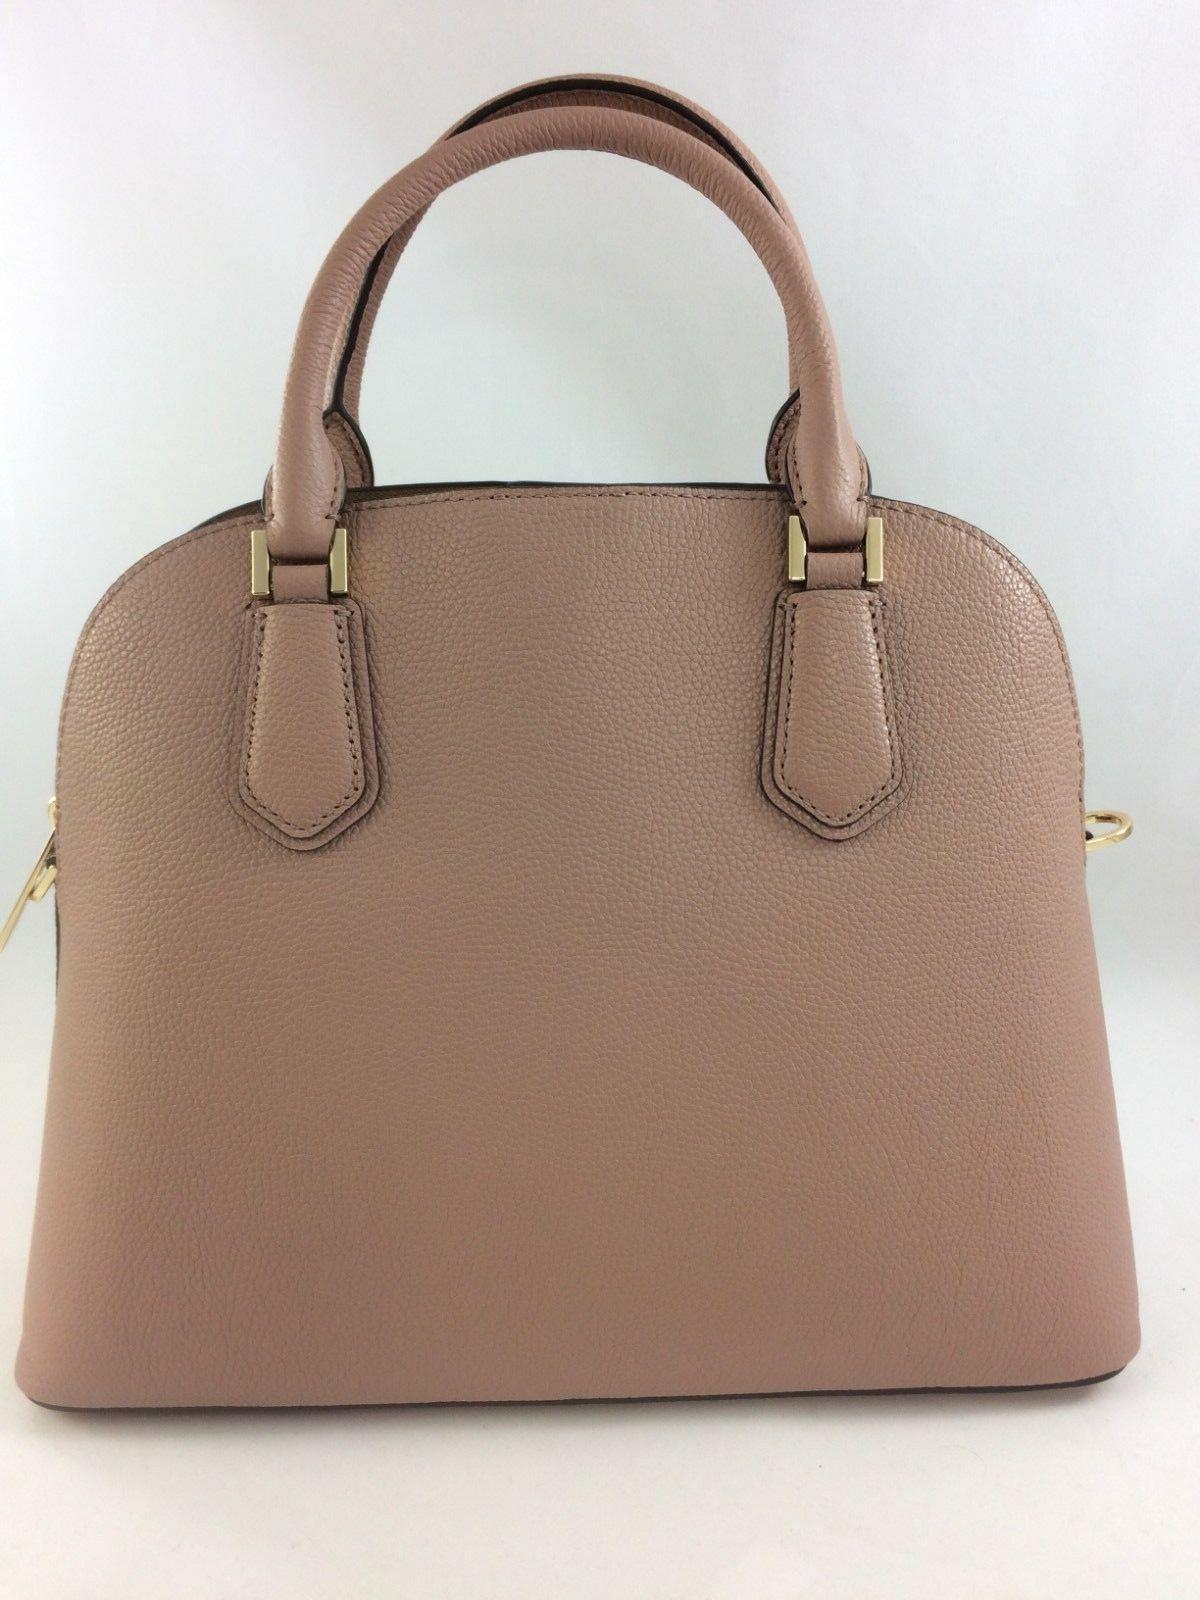 New Kors Adele Large Dome Handbag